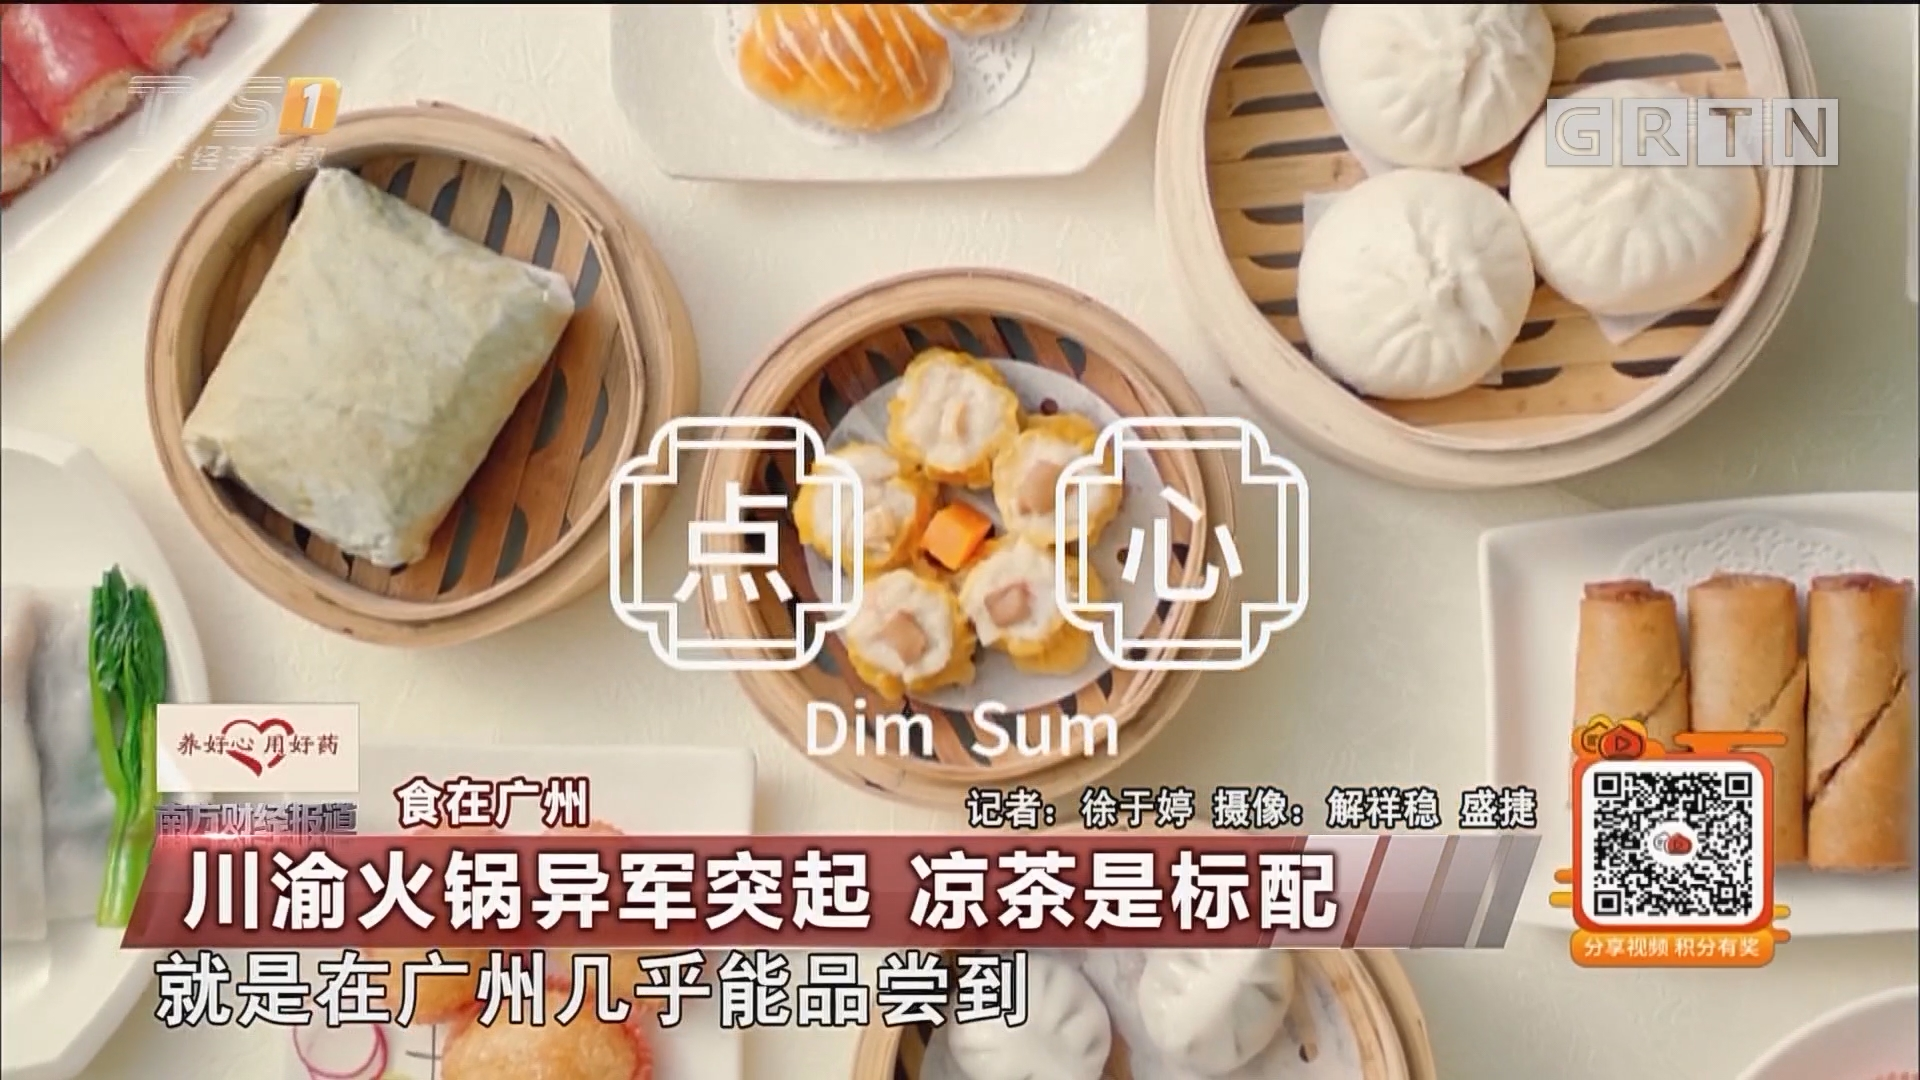 食在广州:川渝火锅异军突起 ?#20849;?#26159;标配